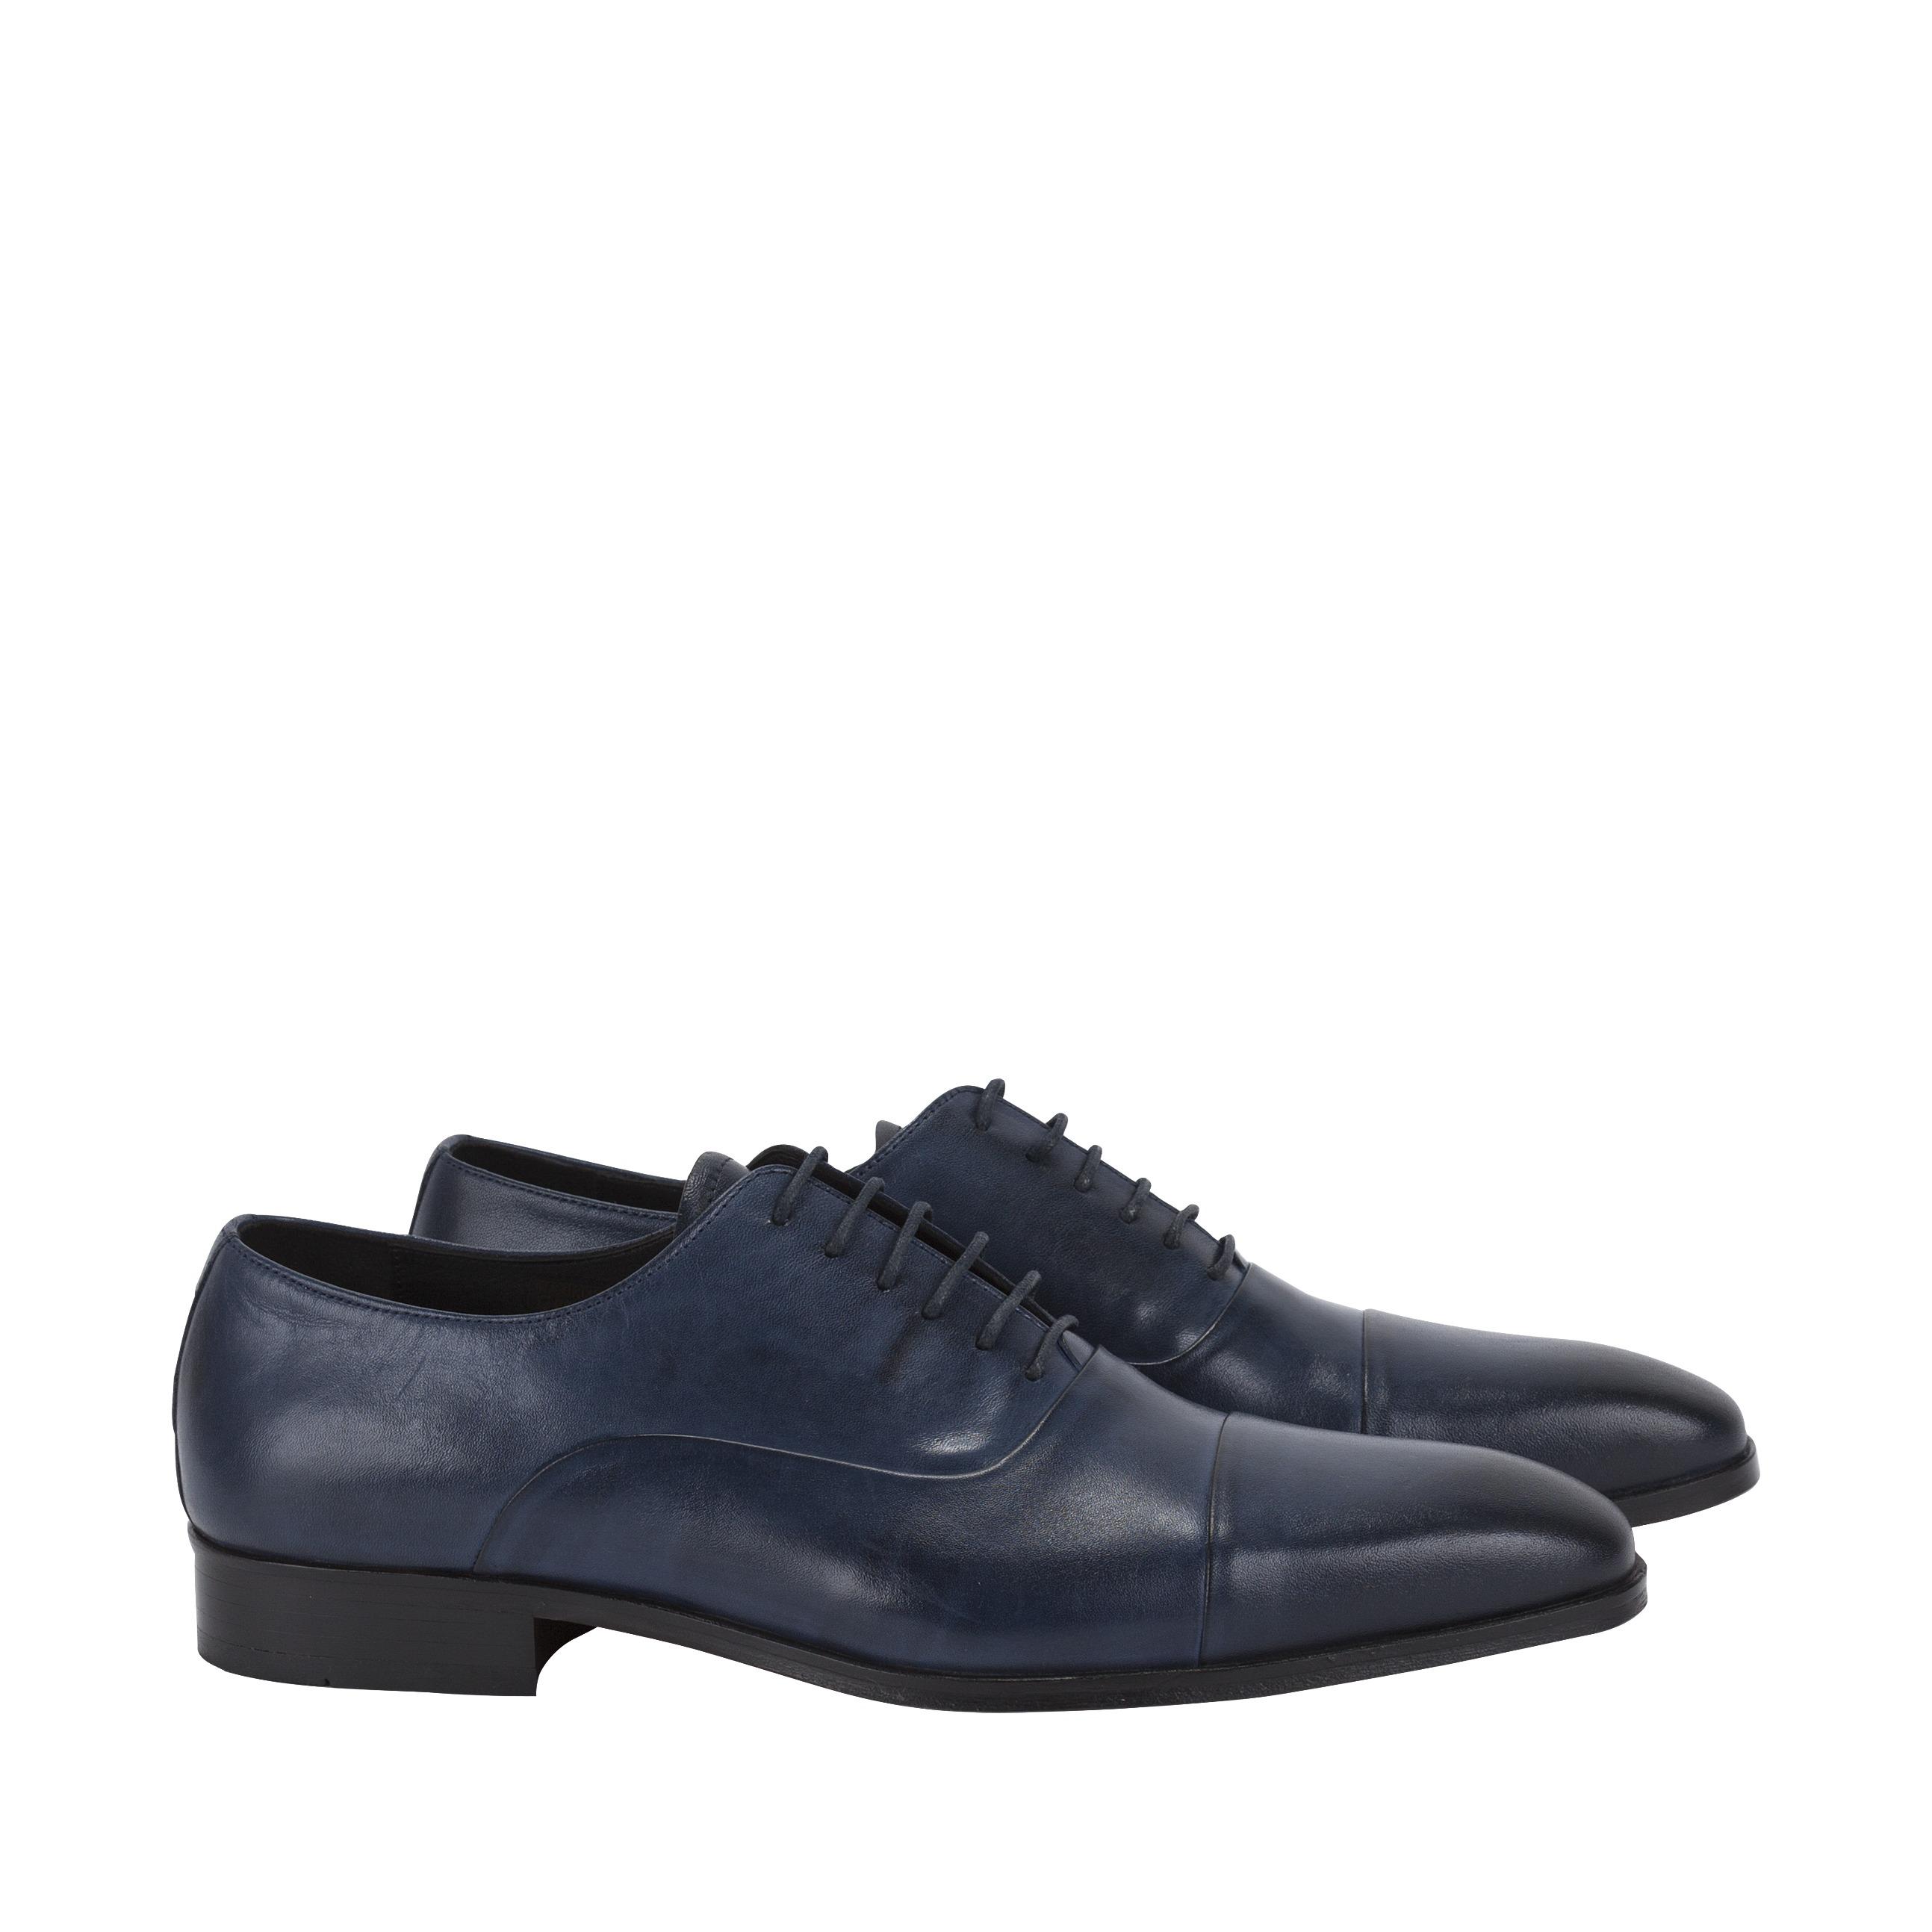 Chaussures Sombres Pour Les Hommes hAnE5EbNs